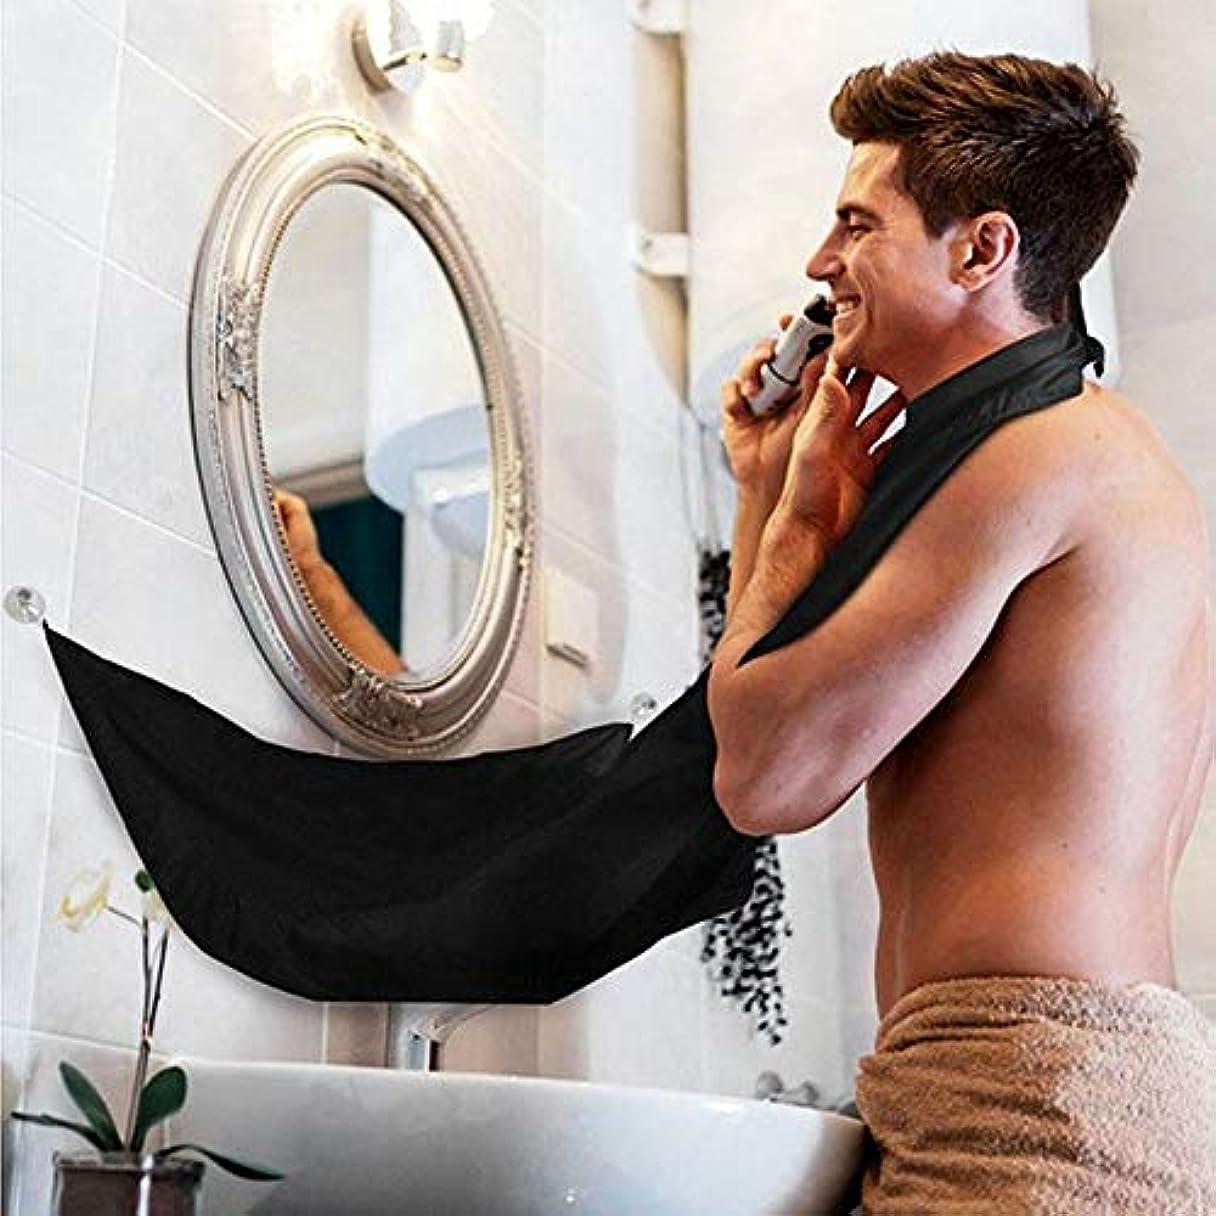 行方不明艦隊の慈悲でKlaxiaz - 高品質カミソリシェービング剃刀理容ツール髪のカミソリと刃アンティークブラック折りたたみシェービングナイフハンドル銅シングル